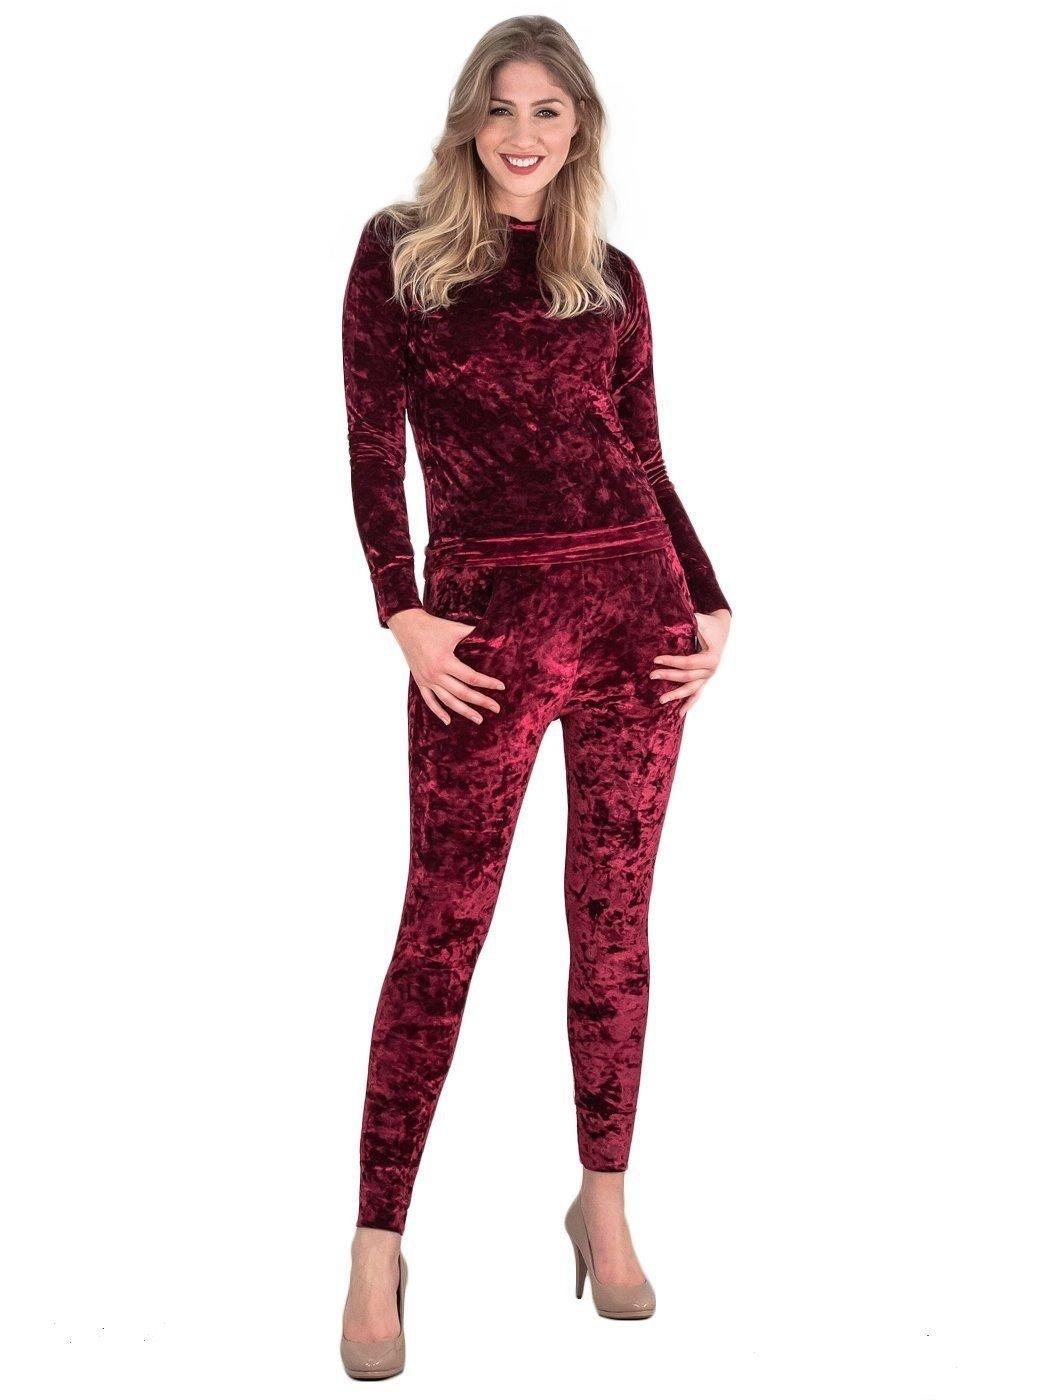 mafhh55 Women's Crushed Velour Velvet Legging and Top Long Sleeves Tracksuit Dress